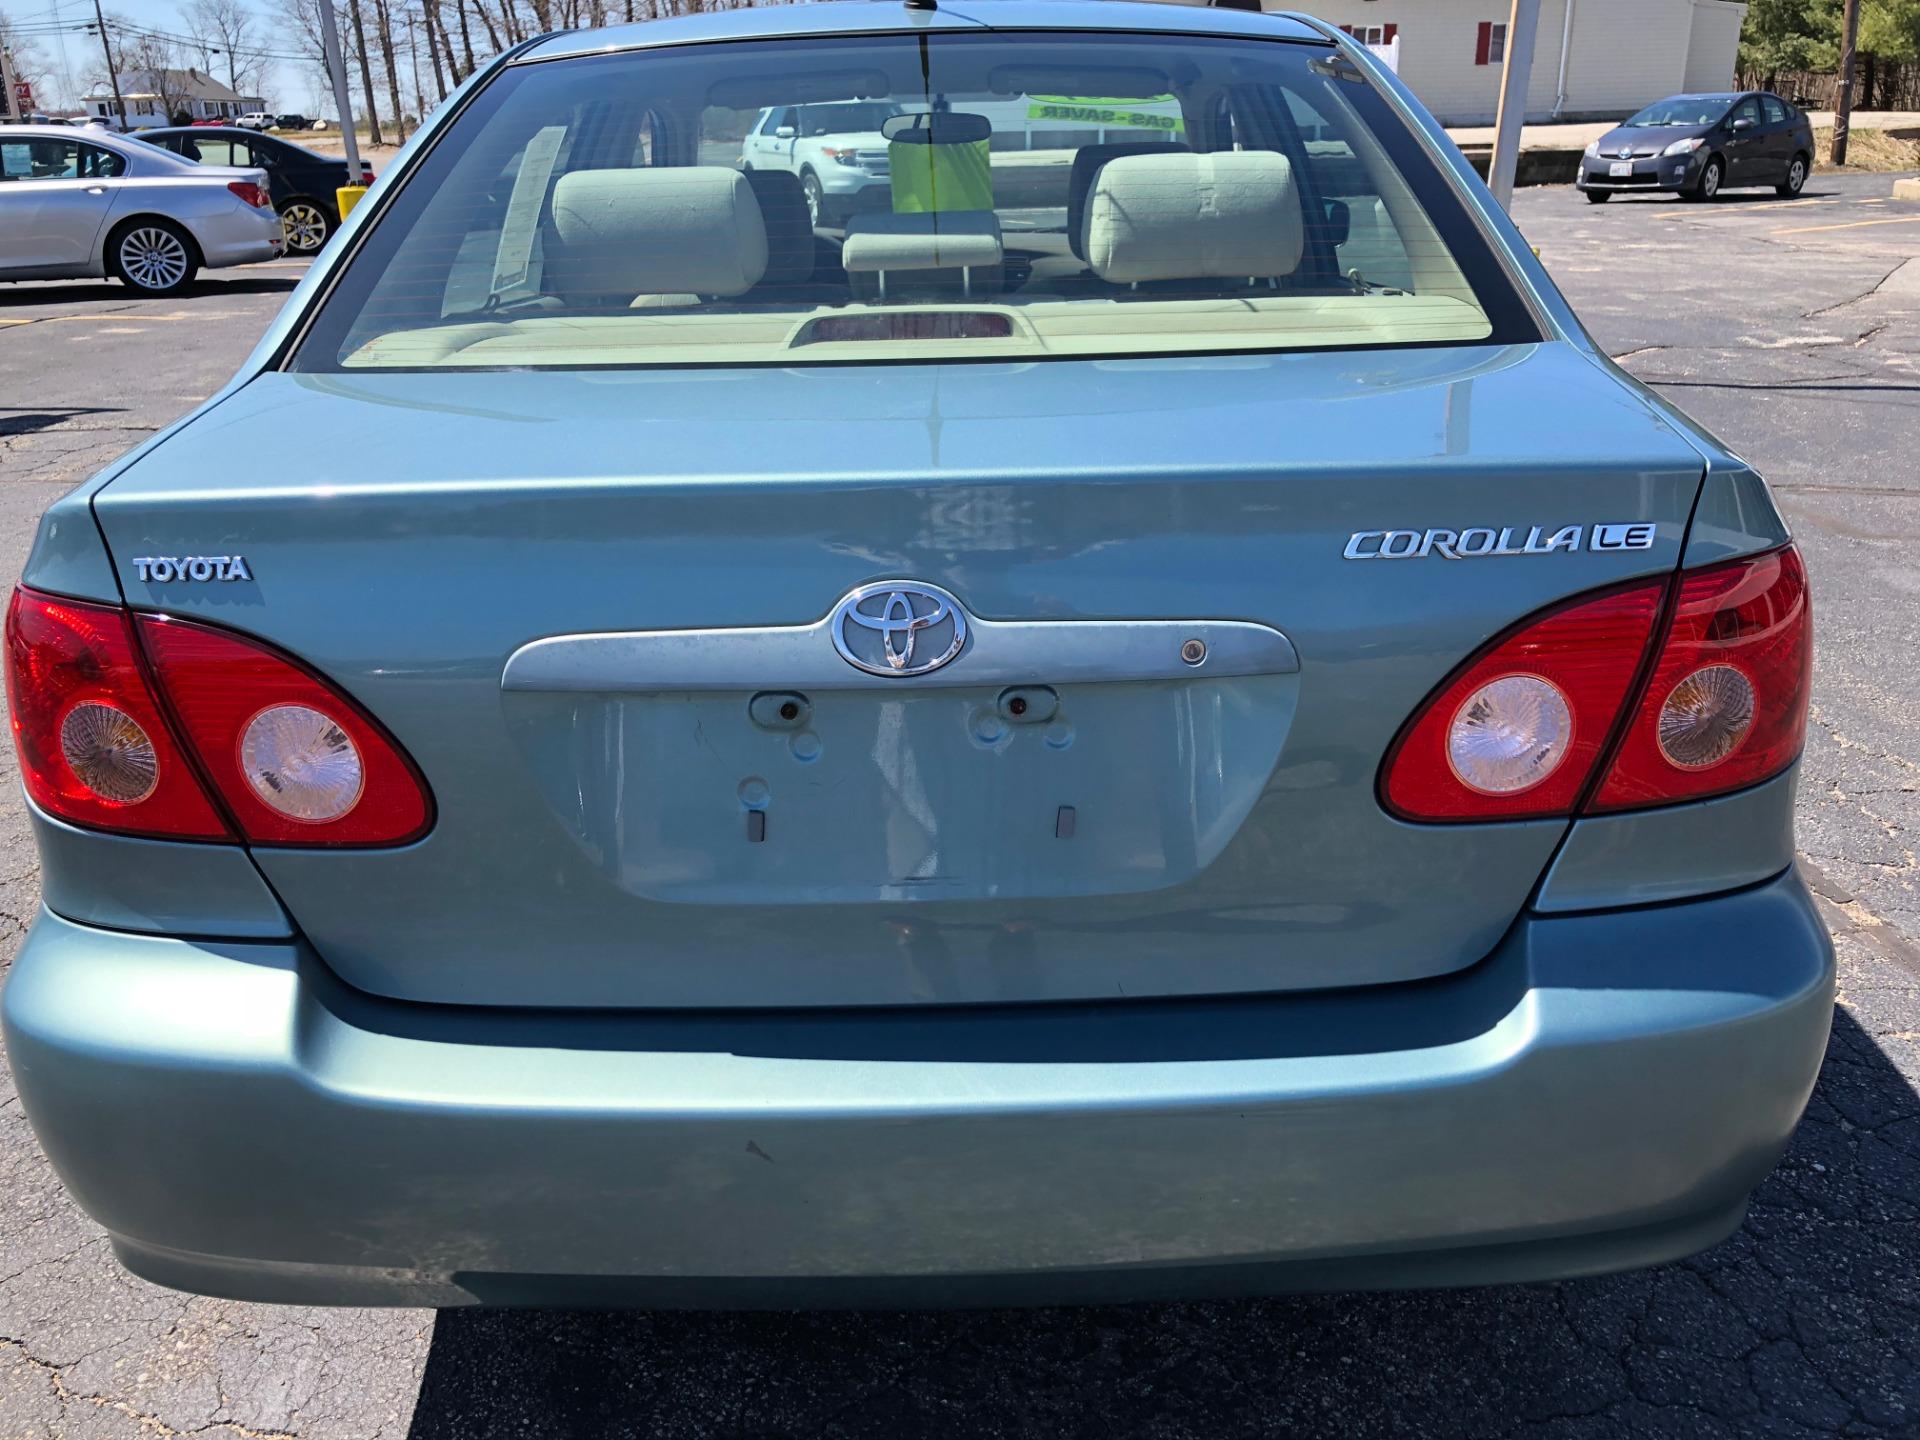 Used 2007 Toyota Corolla Le Le For Sale 5 500